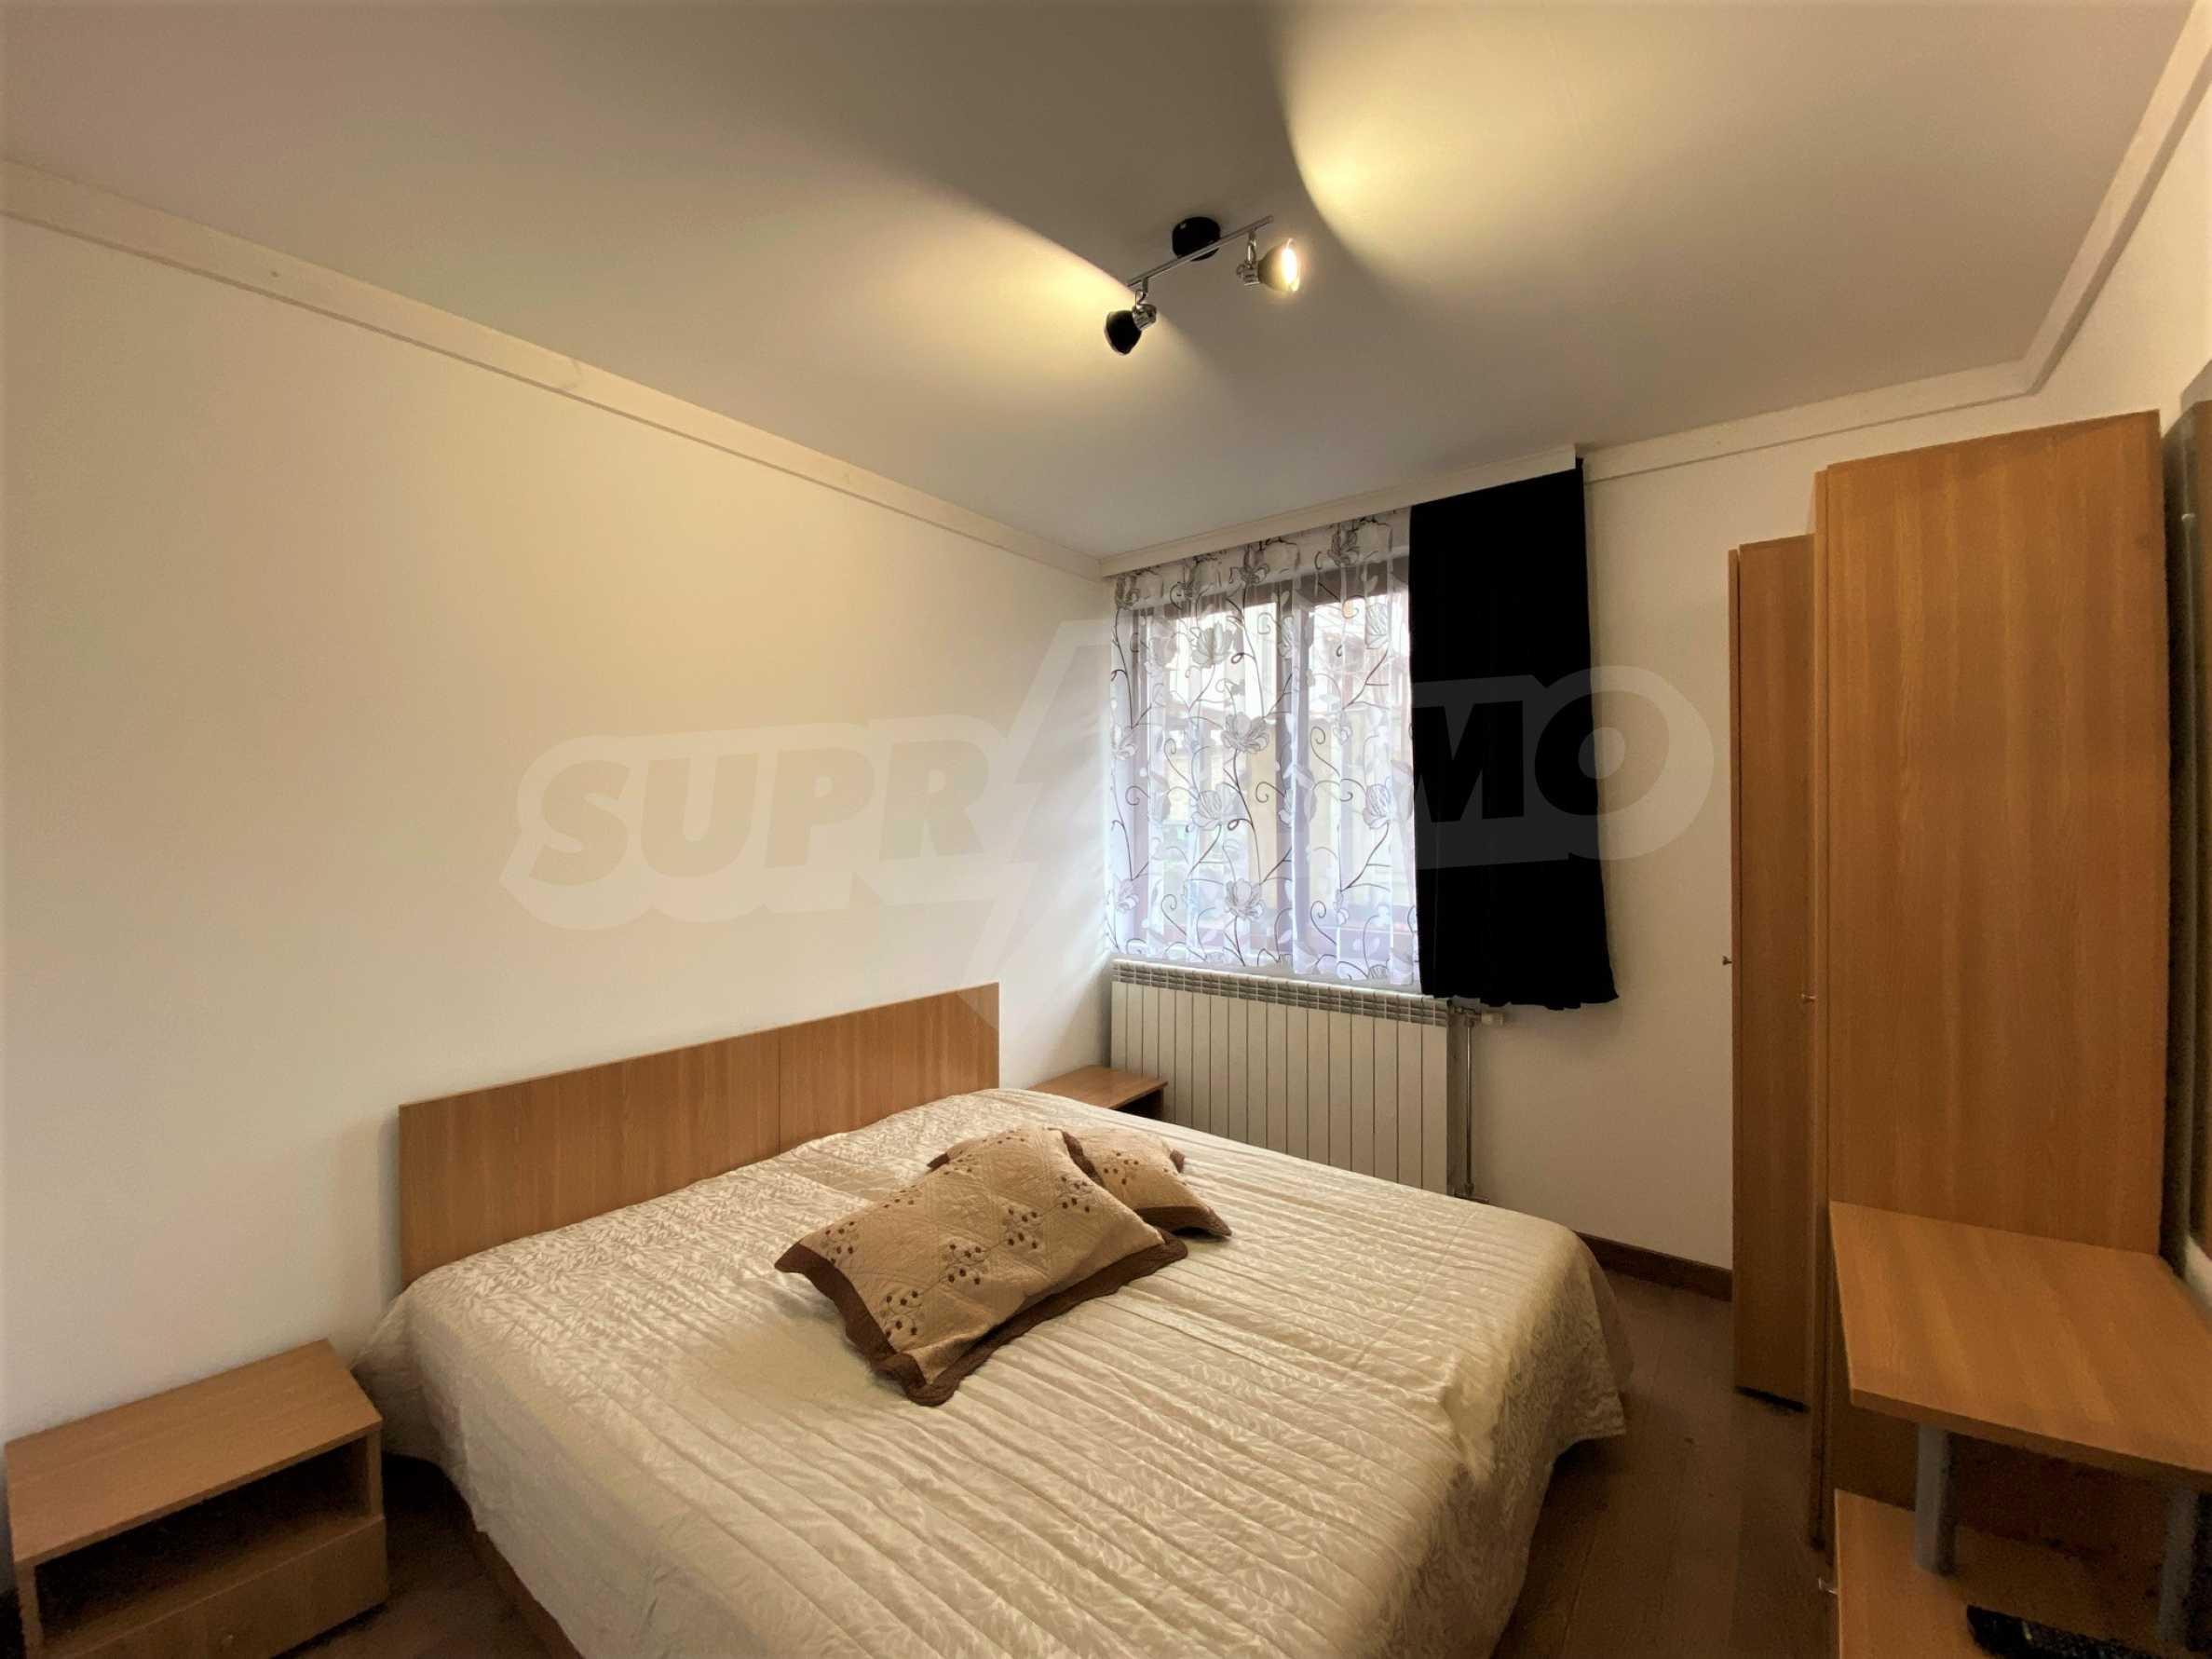 Apartment mit zwei Schlafzimmern zum Verkauf in der Nähe des Skigebiets in Bansko 5